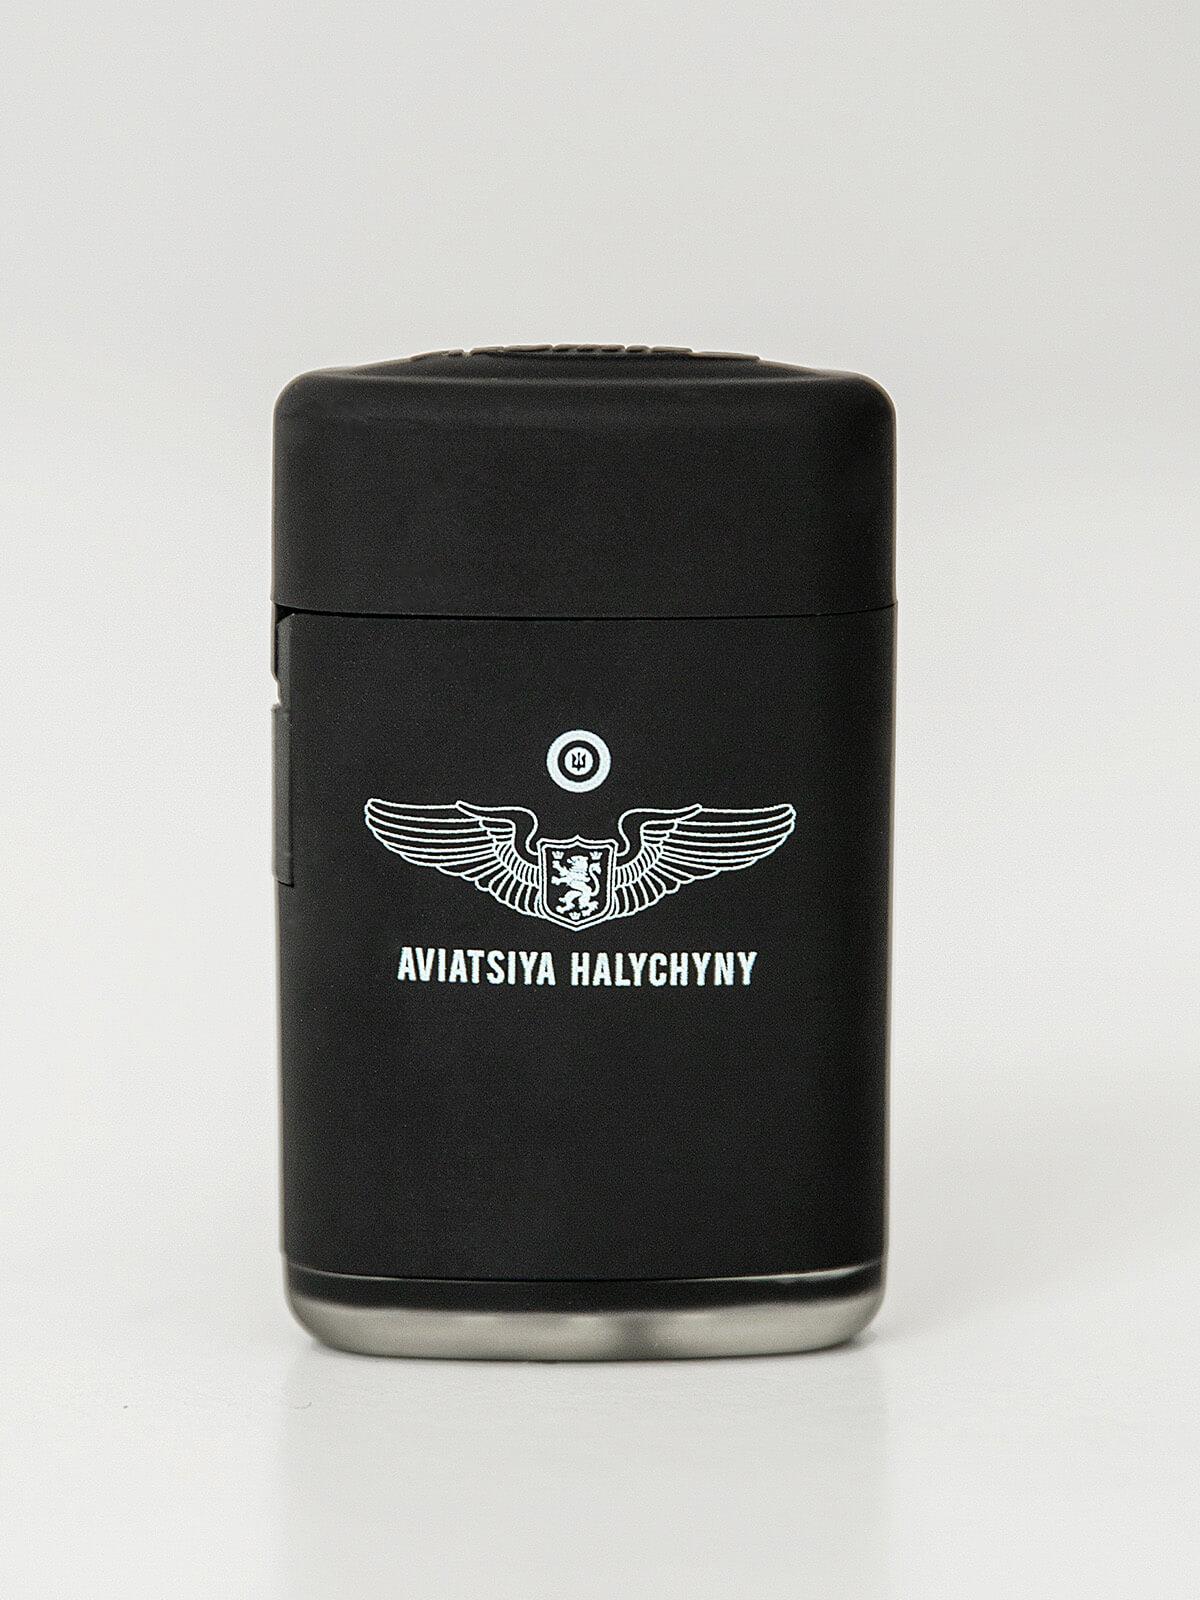 Запальничка Крила. Колір чорний. Розмір: 3,5х6х2 см Матеріал: пластик.